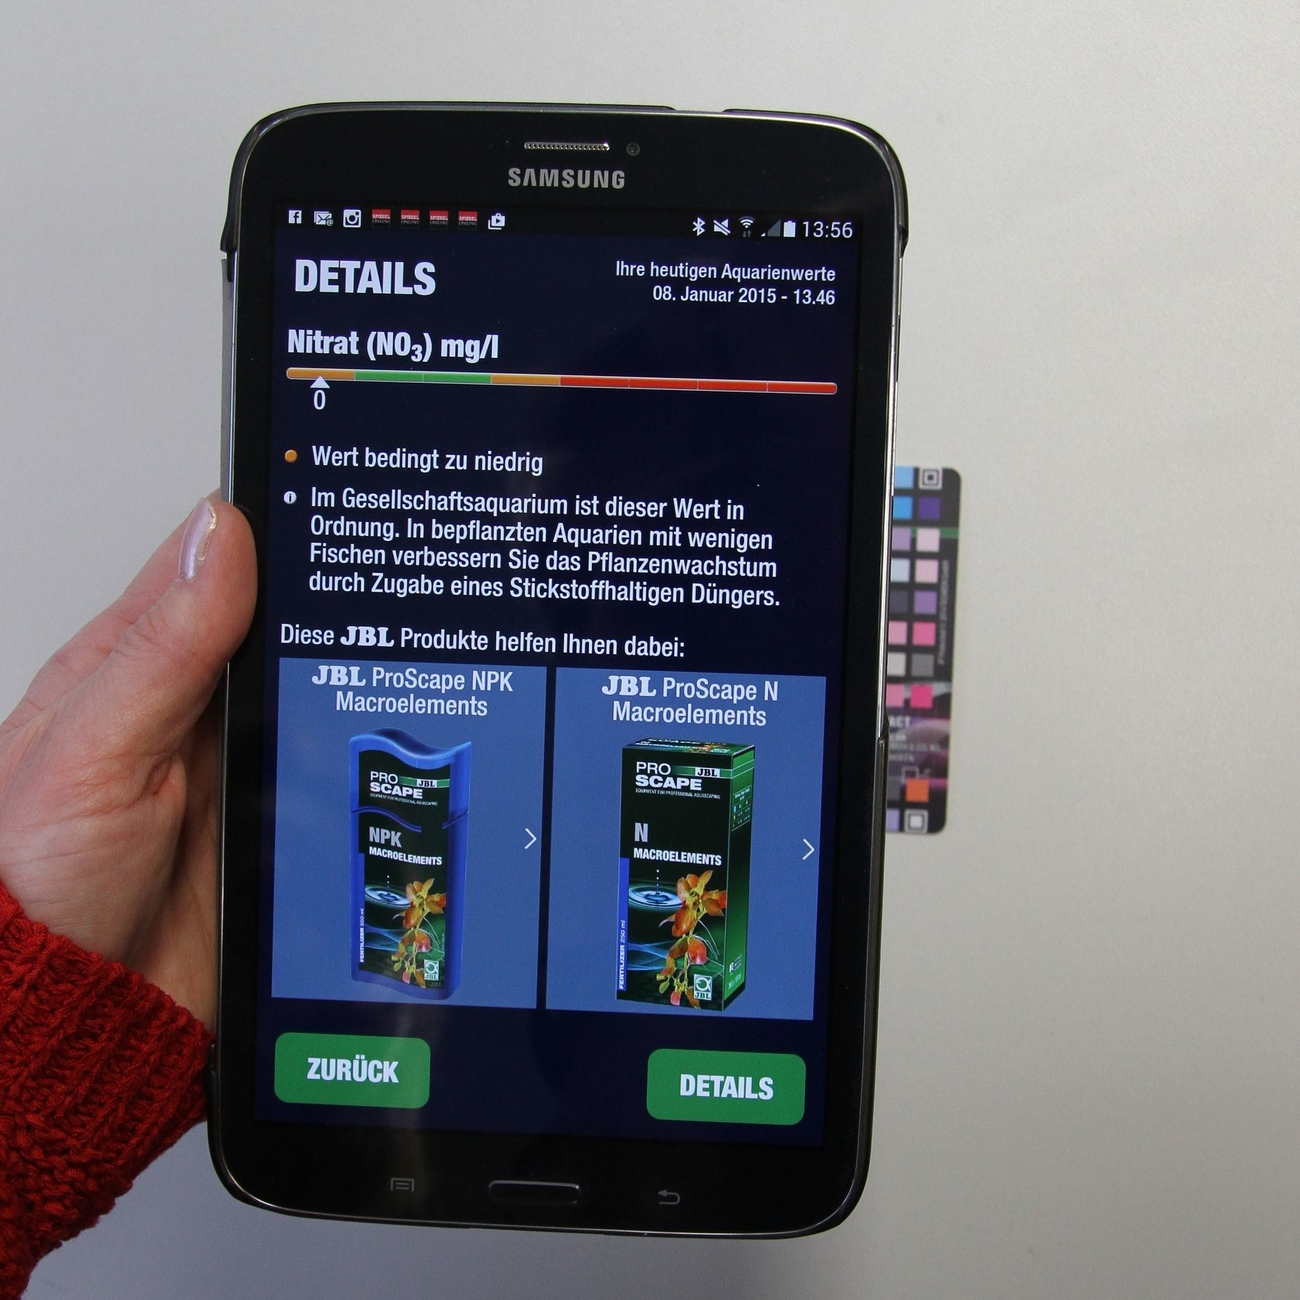 JBL ProScan Wassertest mit Smartphoneauswertung, Bild 6